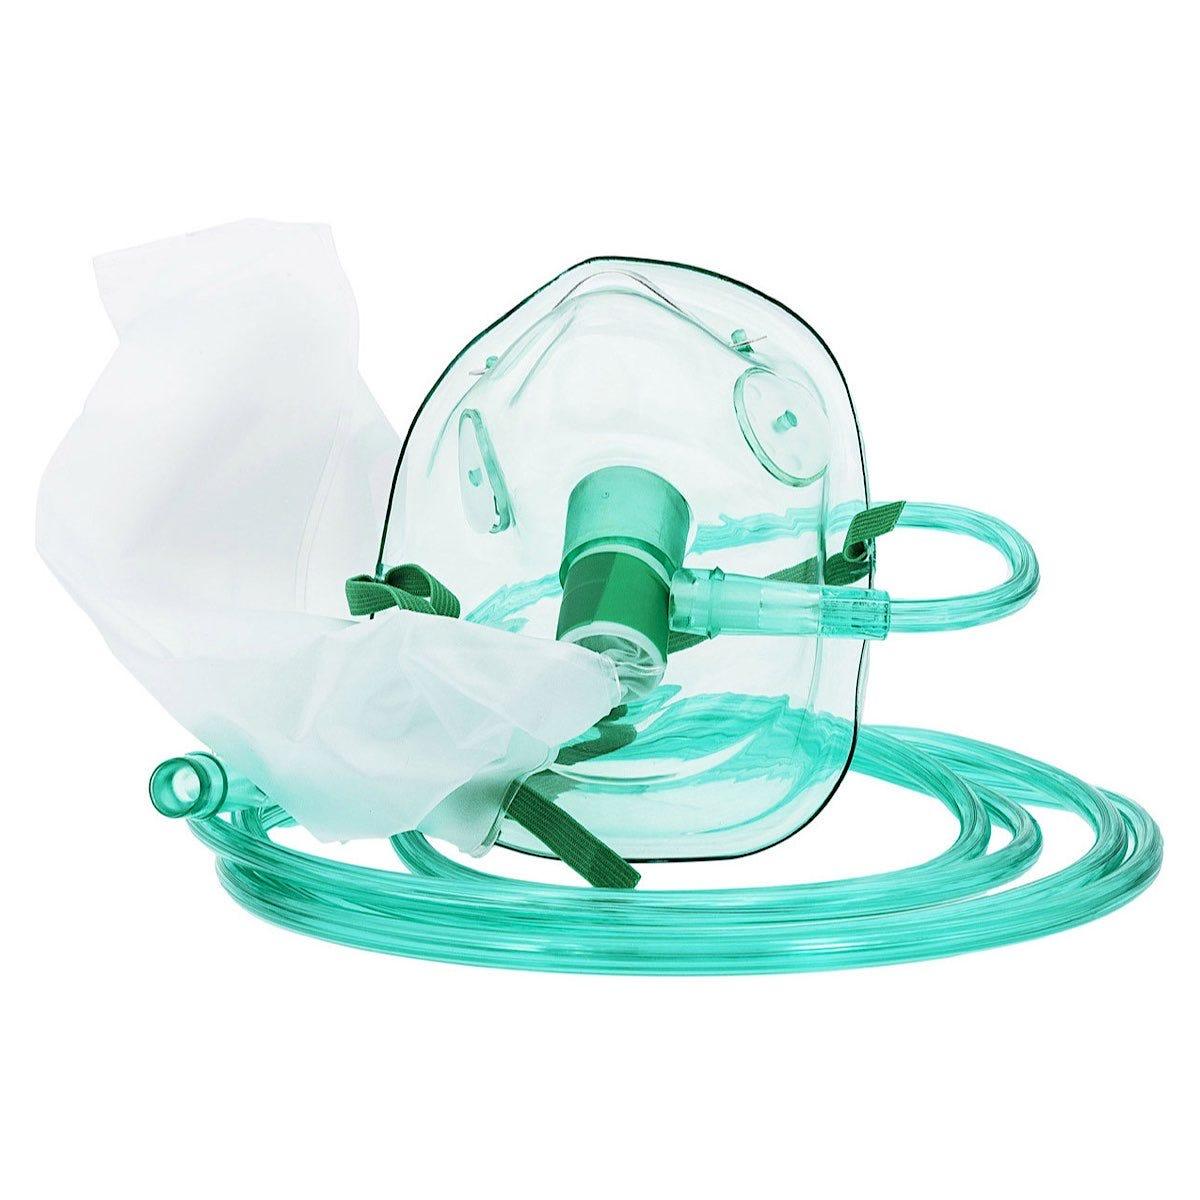 Curaplex®  Non-rebreather Oxygen Mask - Adult or Pediatric